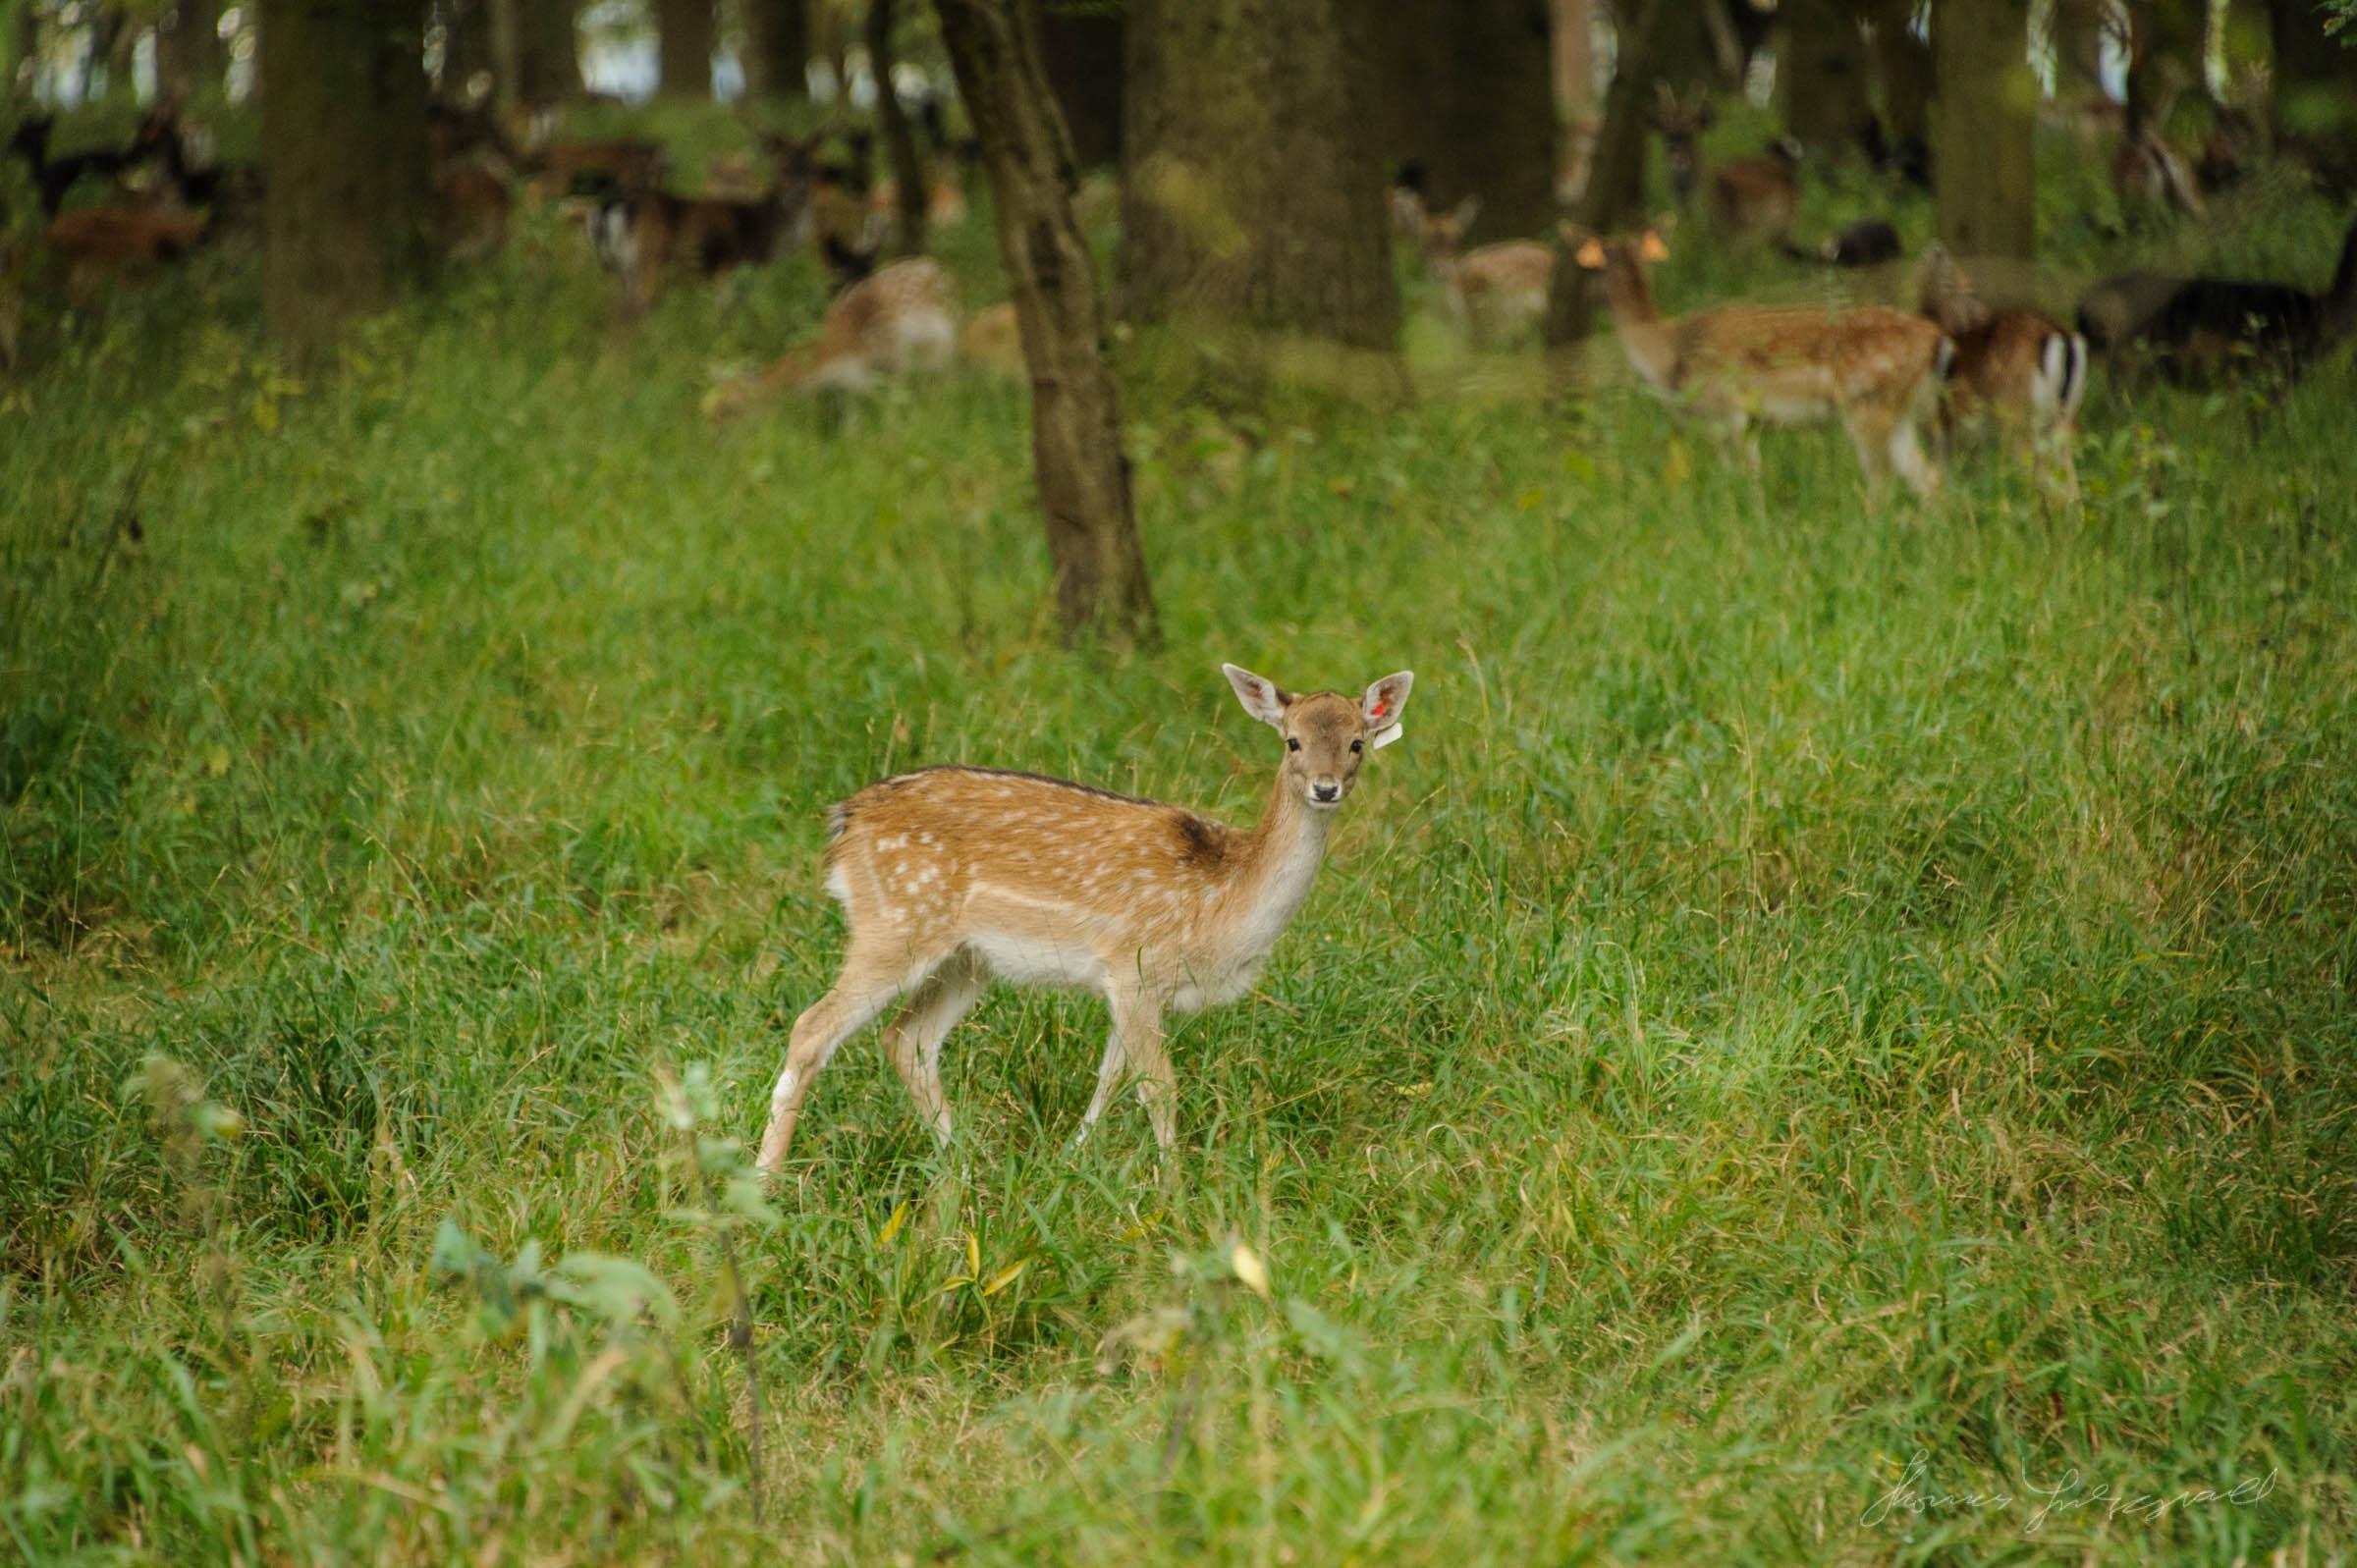 Pheonix-Park-Deer-32.jpg